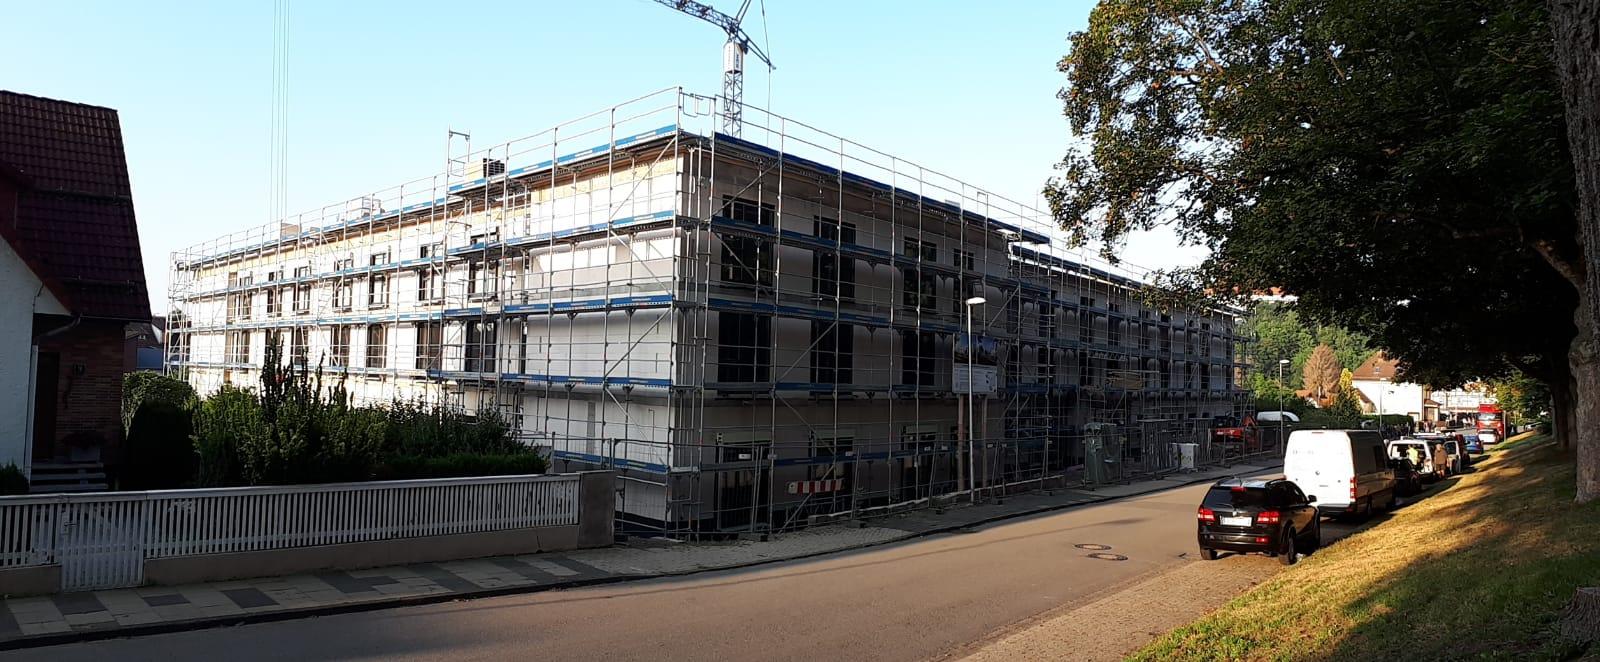 Herzberg-Aug-2019